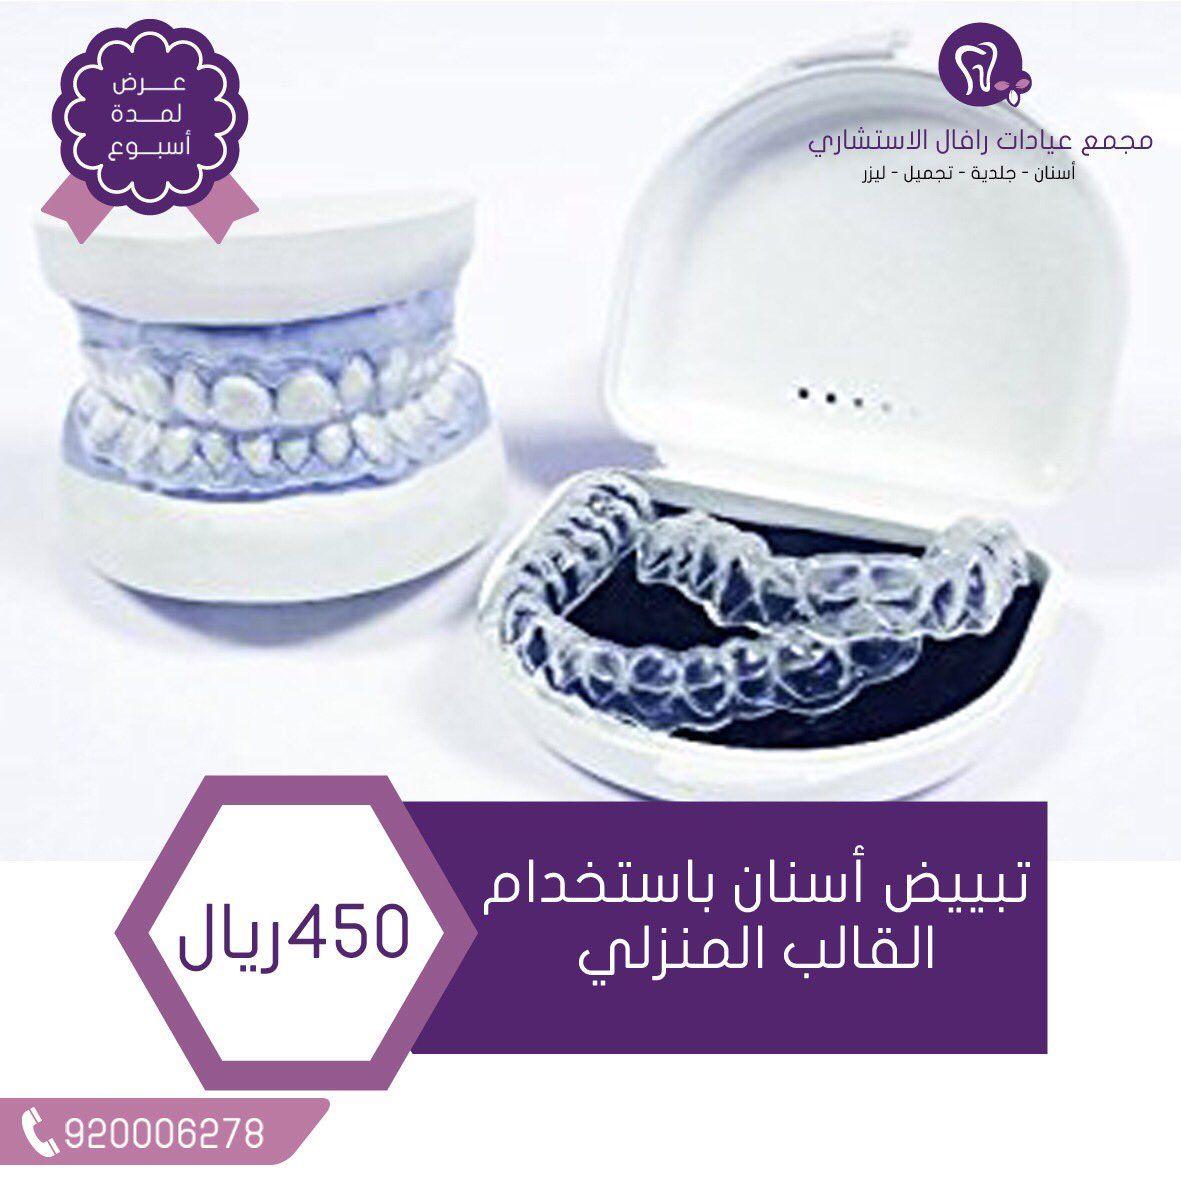 عيادات رافال تبييض الأسنان بالقوالب المنزلية Dish Soap Tableware Soap